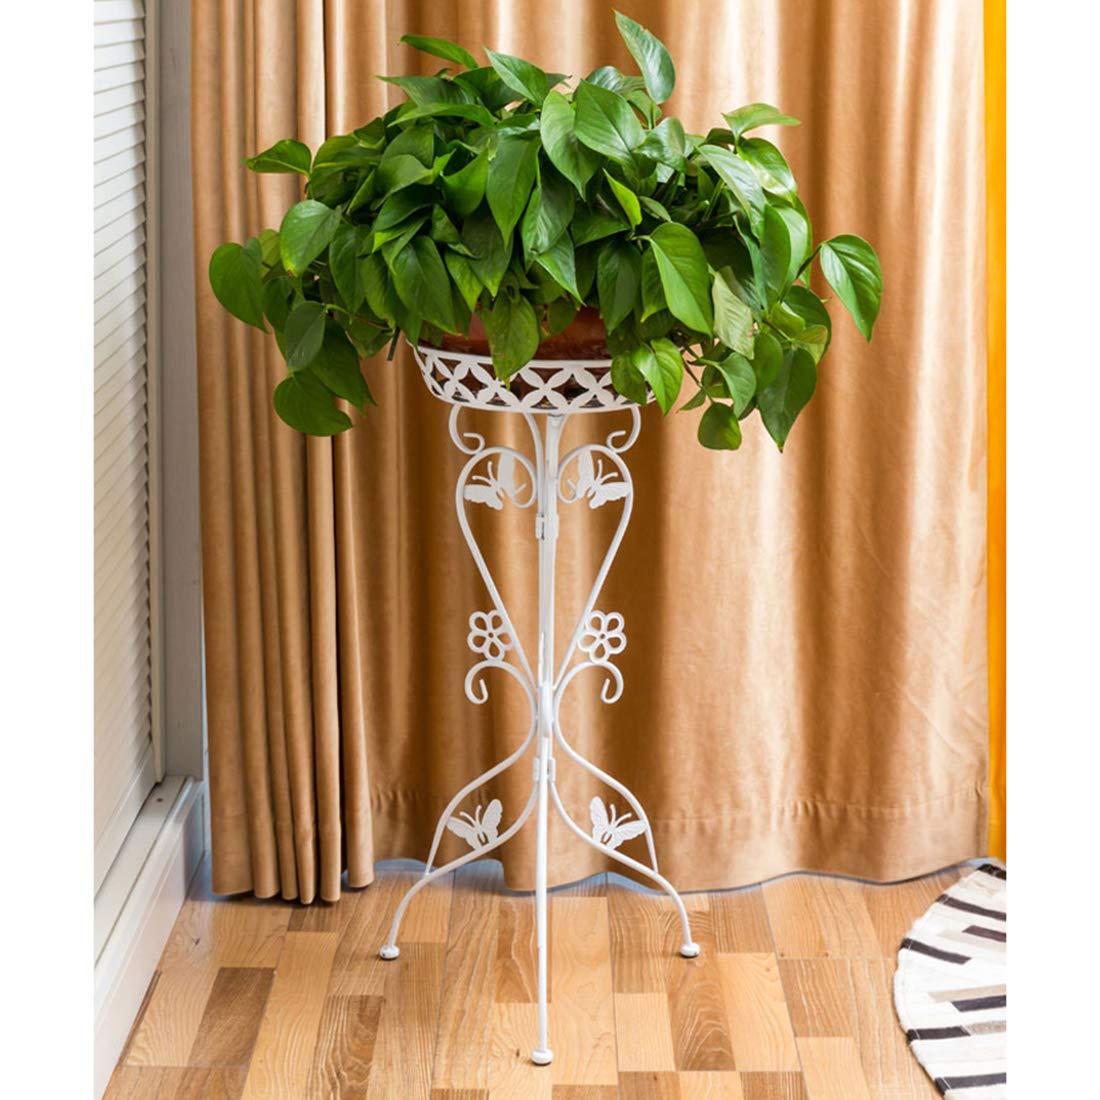 Rolanli Blumenst/änder Metall Blumenregal Dekor f/ür Innen Outdoor Garten Balkon